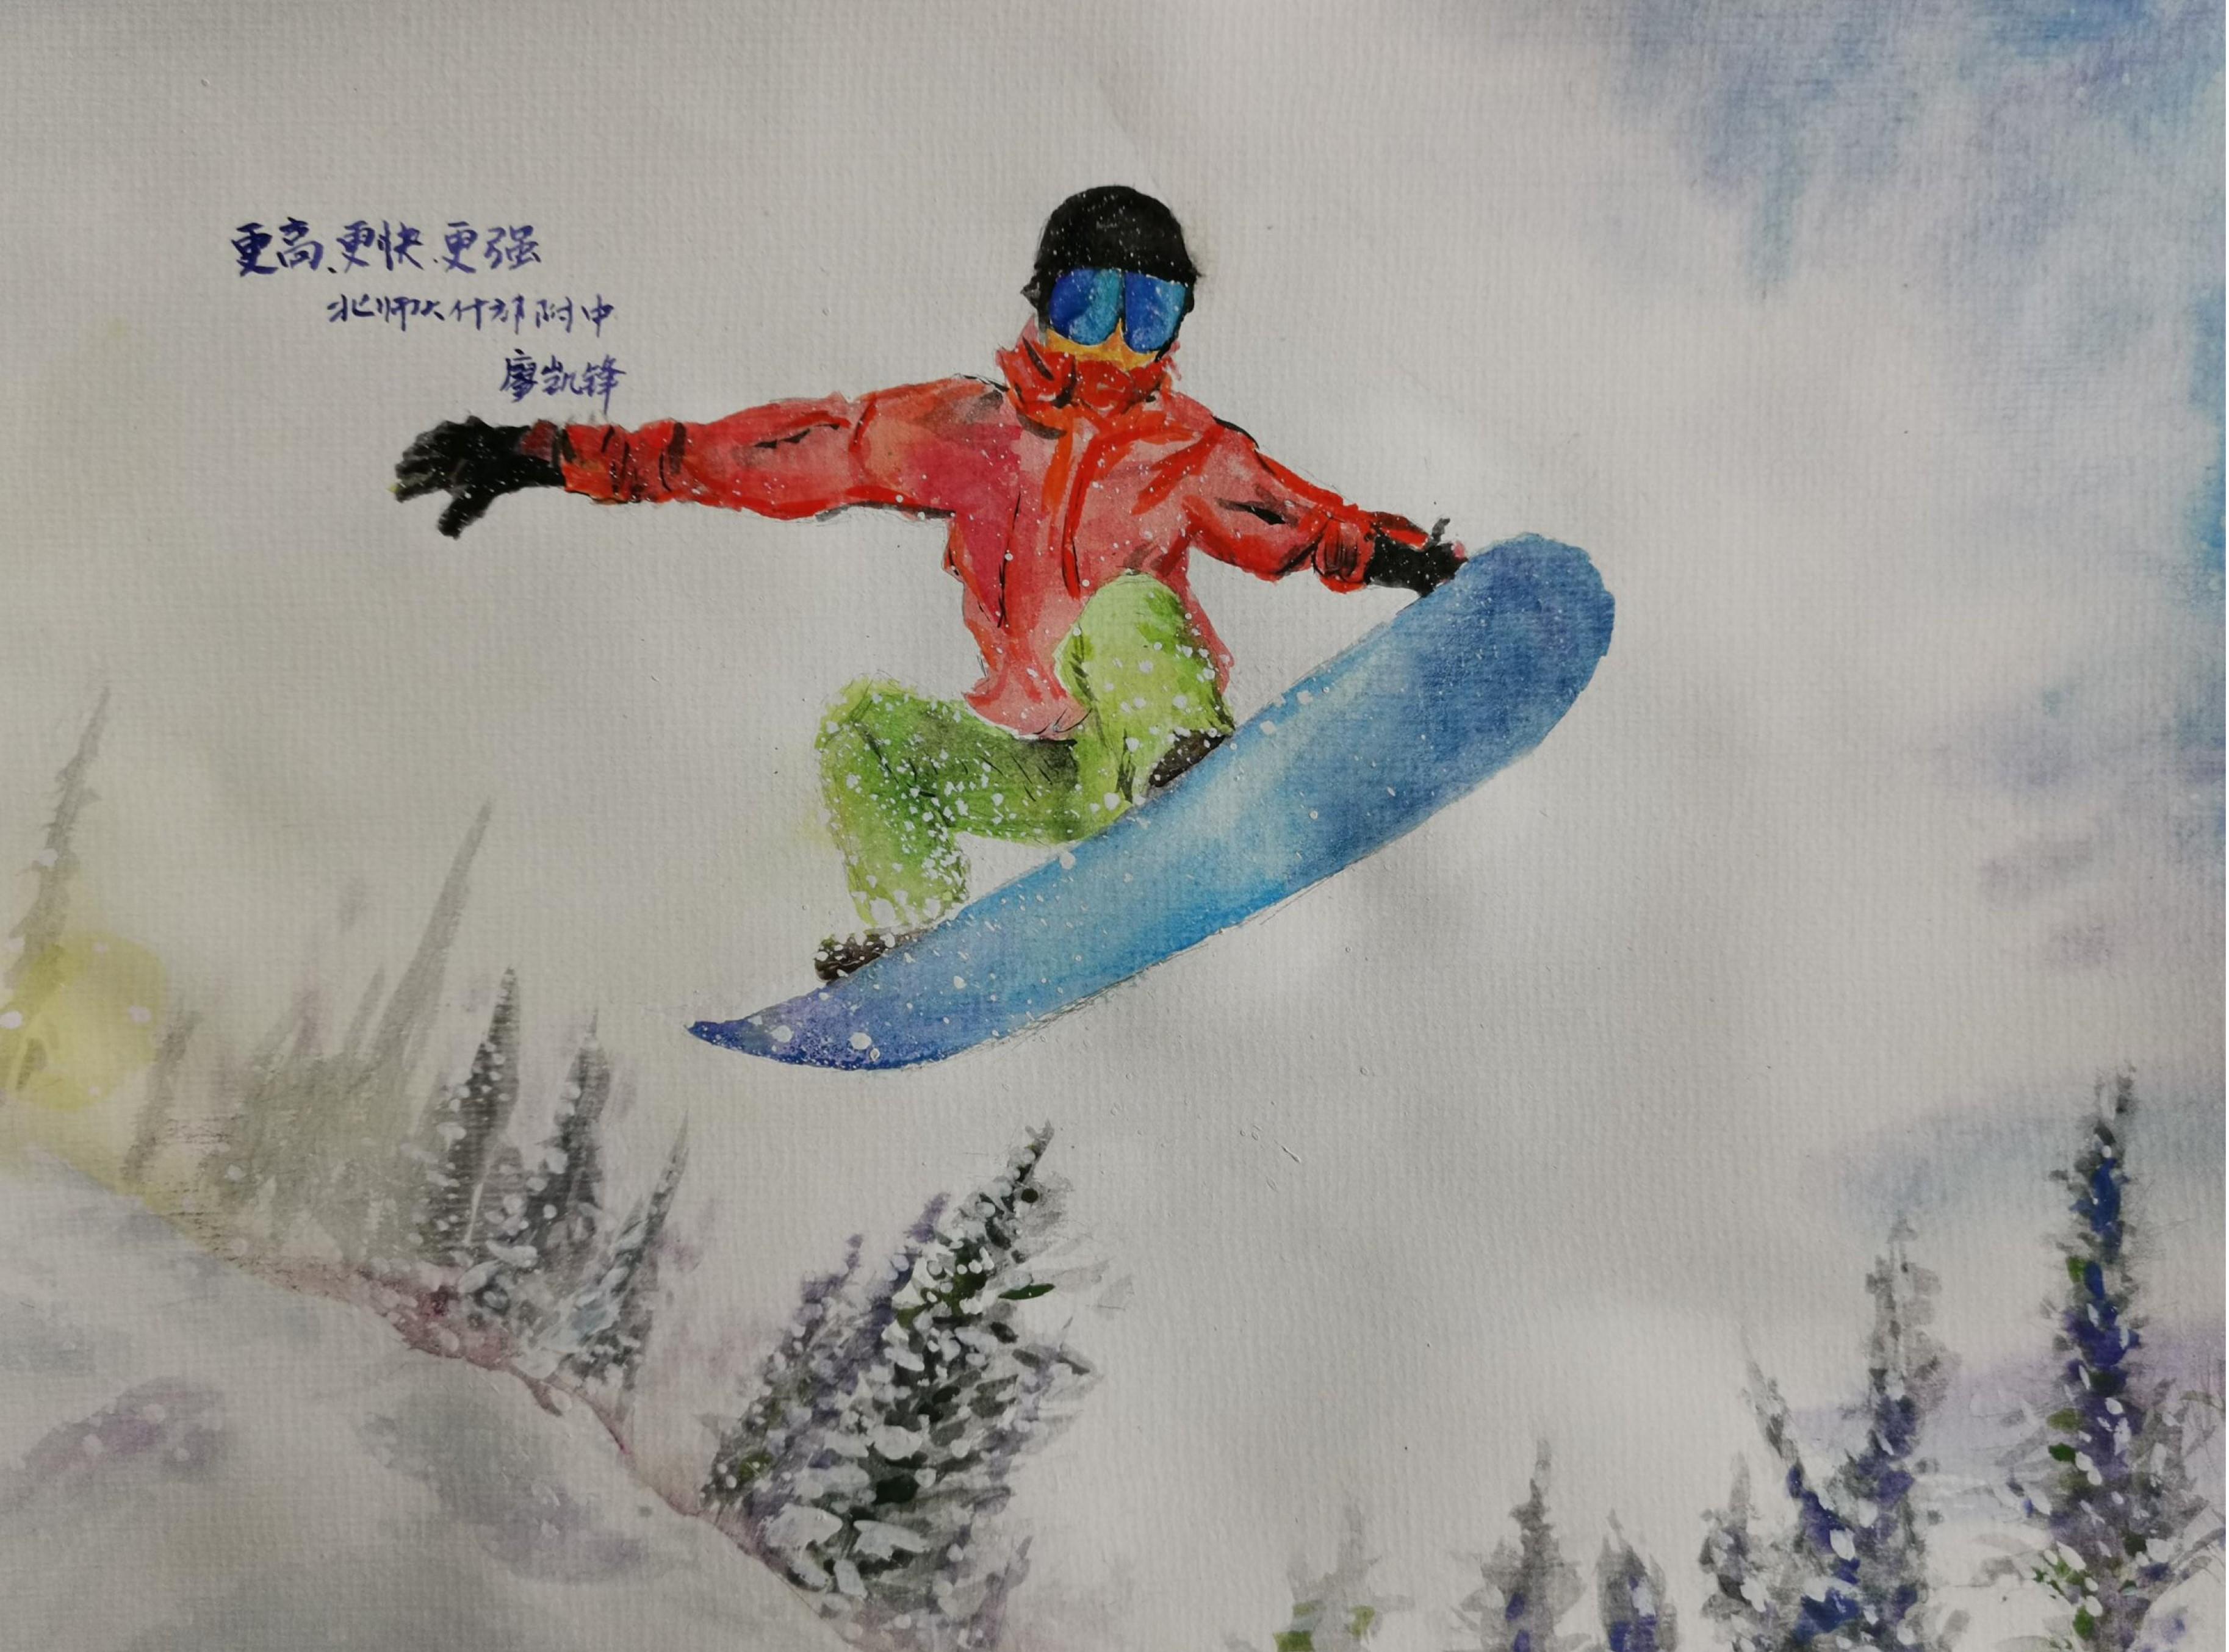 更高更快更强 Higher, Faster And Stronger+廖凯锋 Liao Kaifeng+12+15181026619